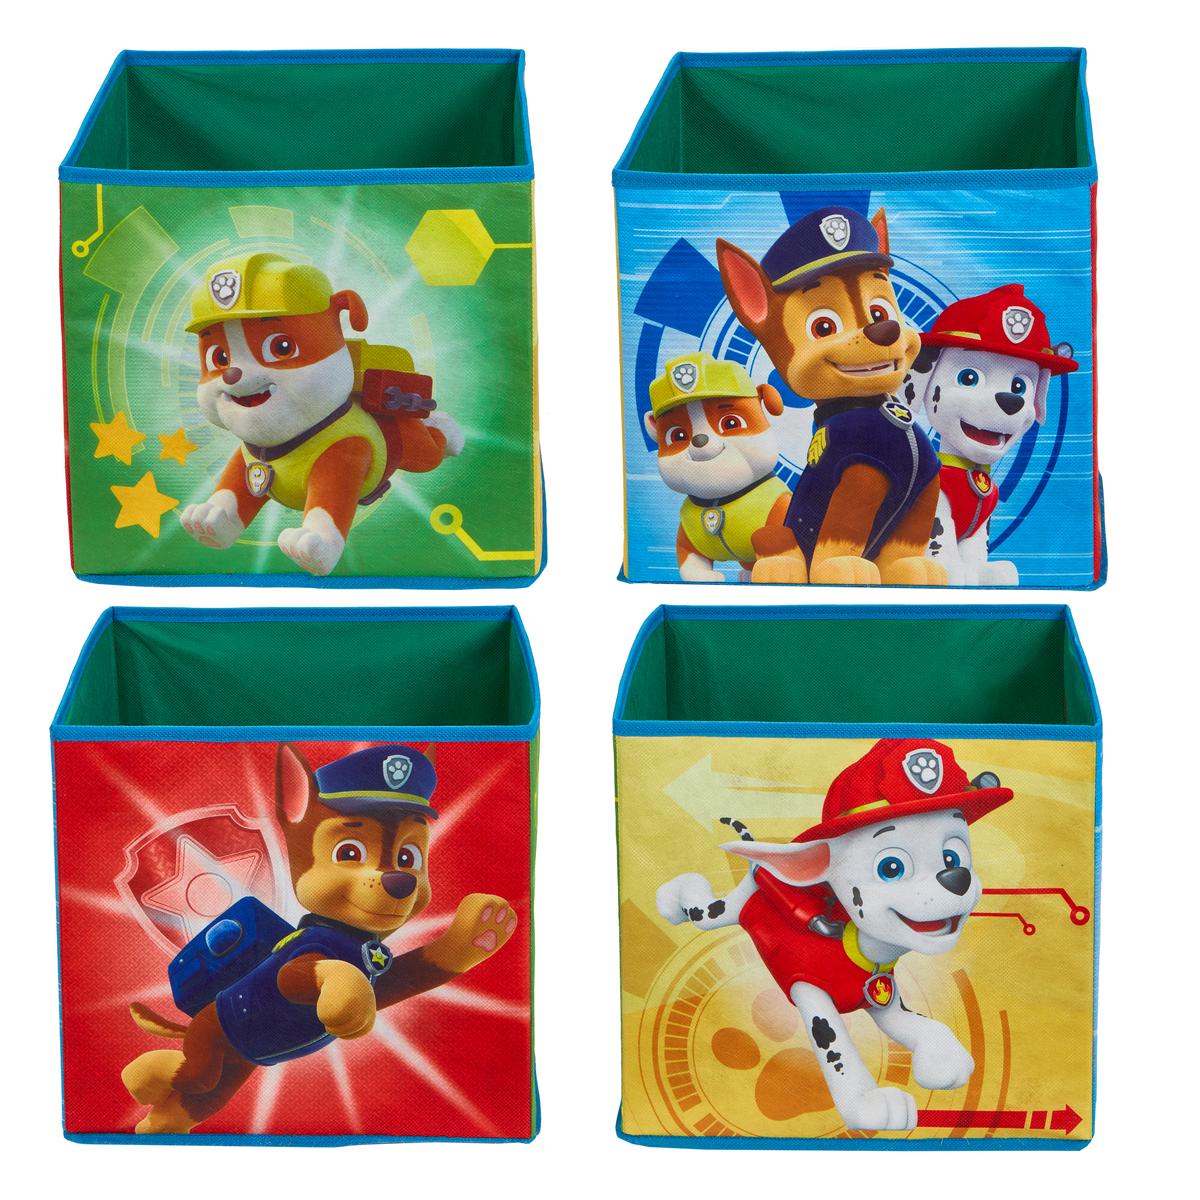 Čtyři úložné boxy - Paw Patrol